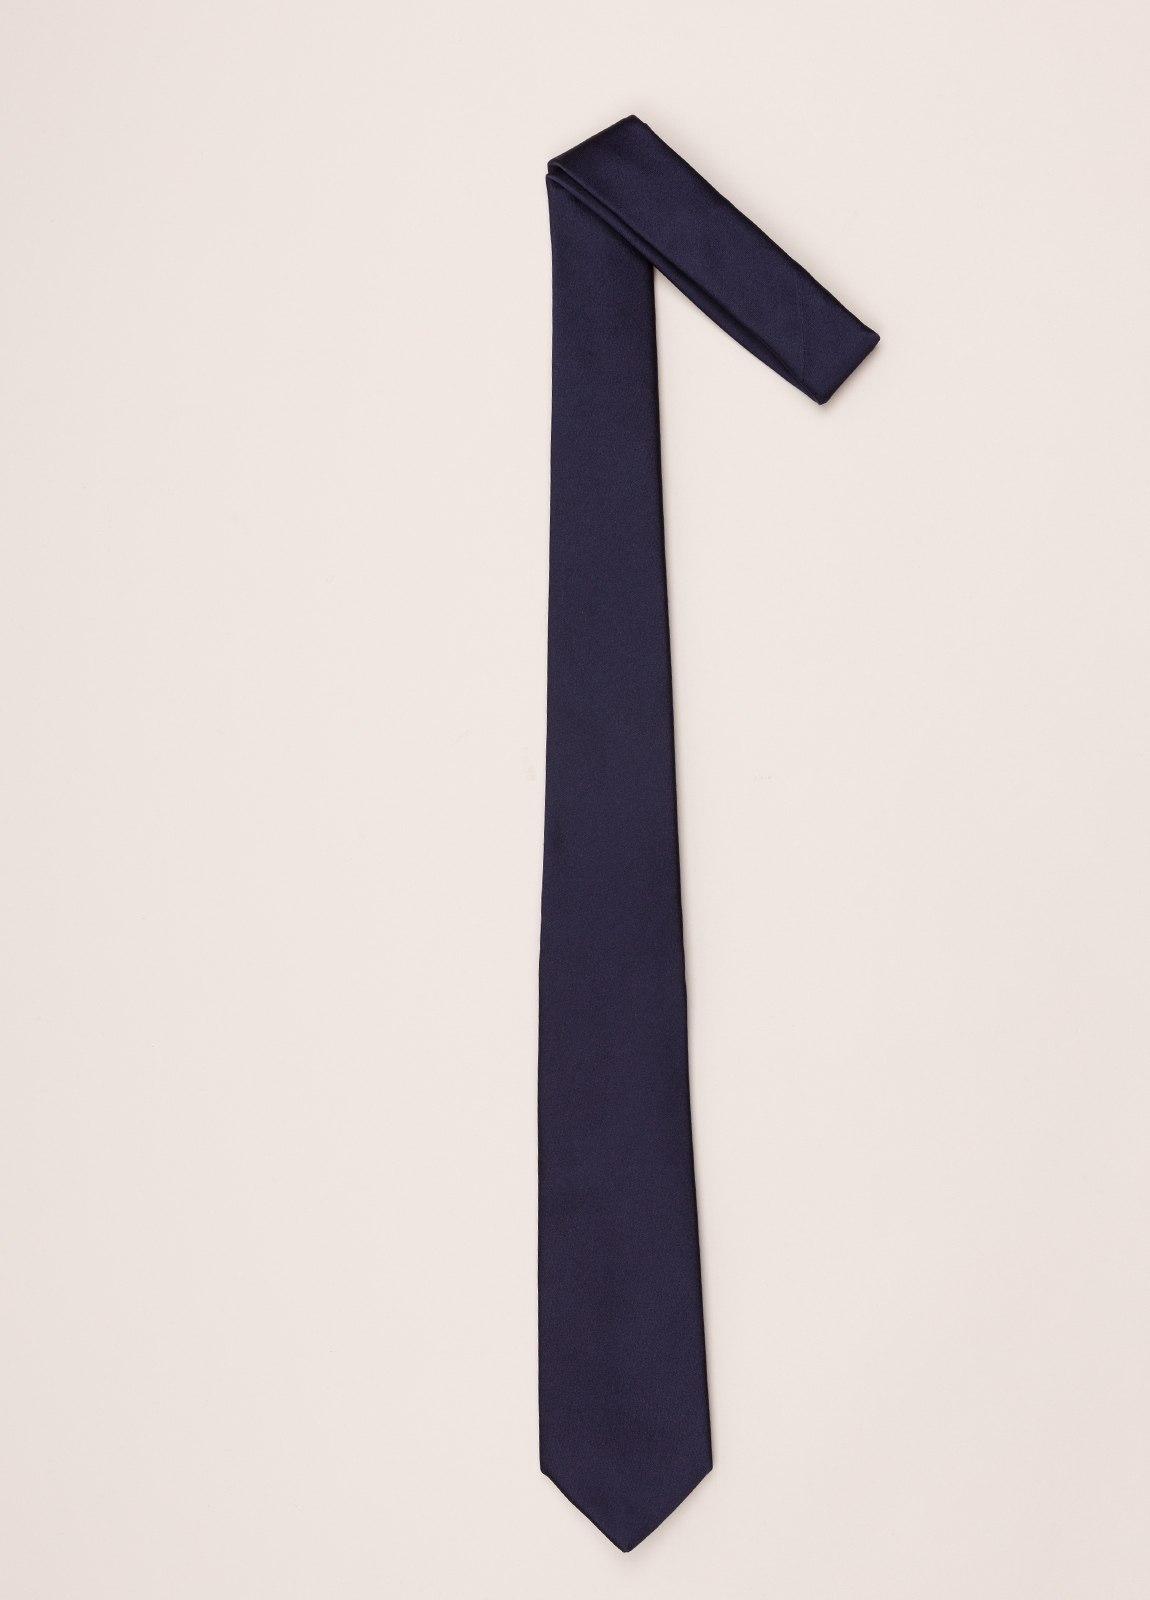 Corbata FUREST COLECCIÓN marino liso - Ítem1